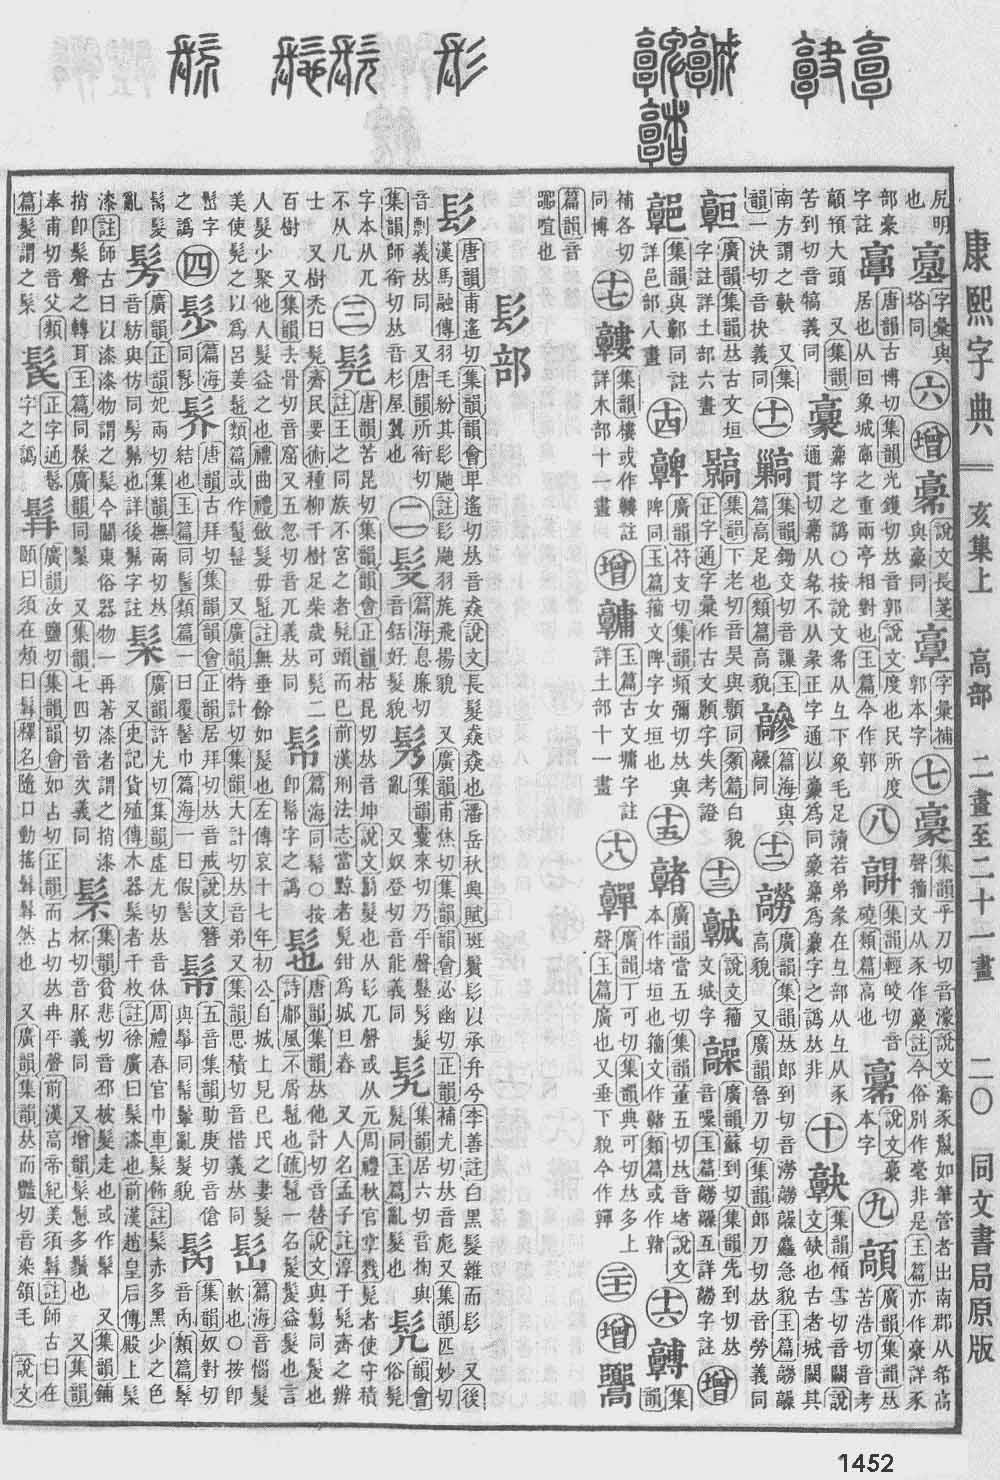 《康熙字典》第1452页